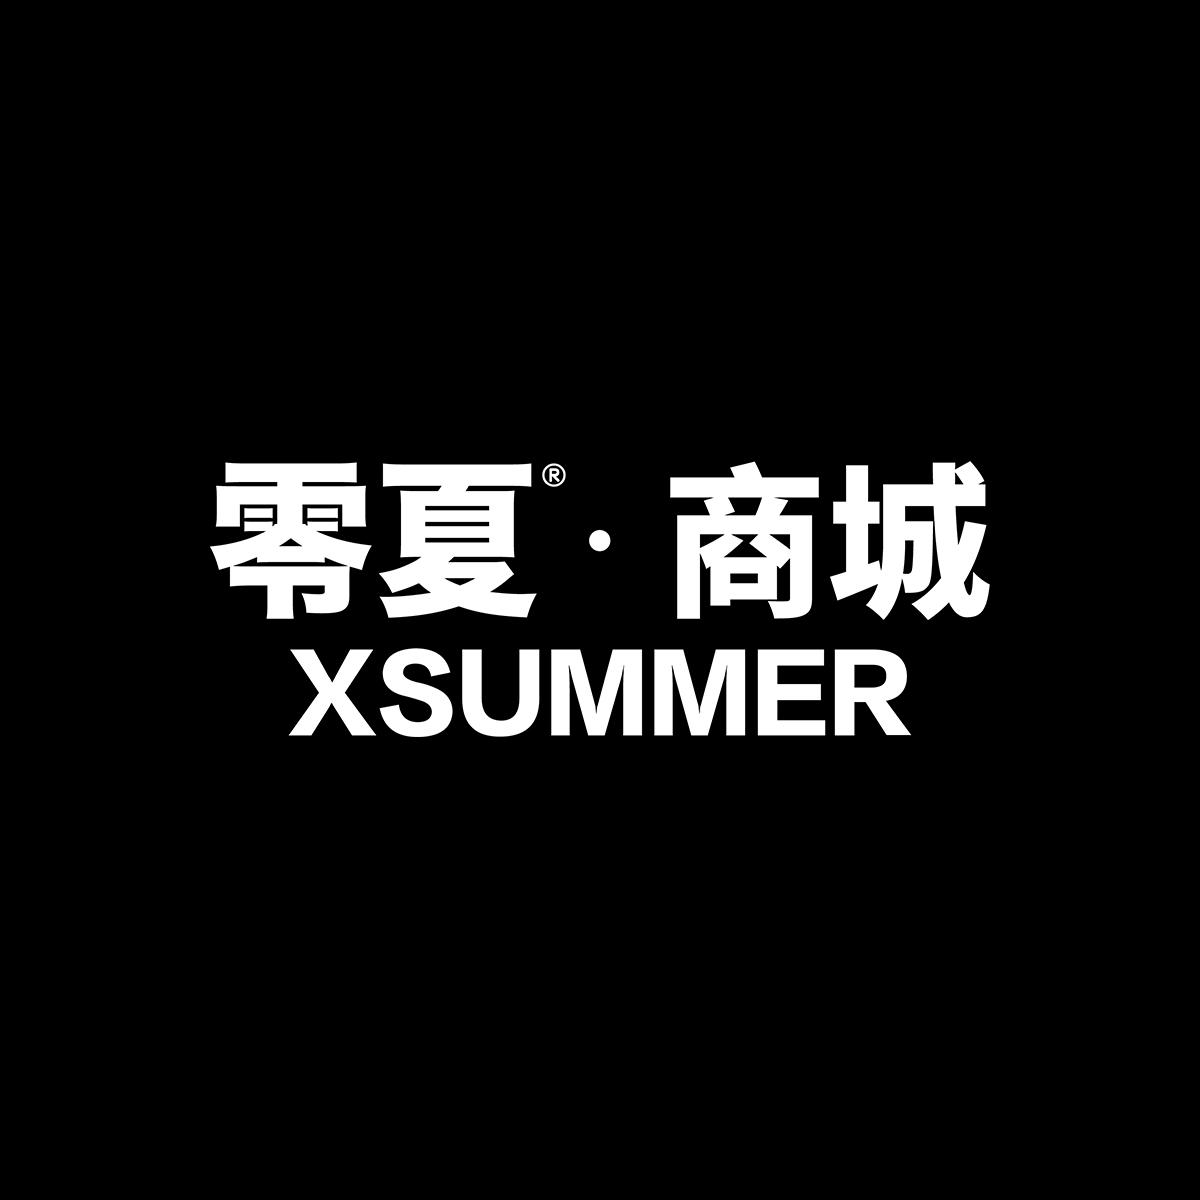 【 нулю лето 】 разница ссылка недоступен купон